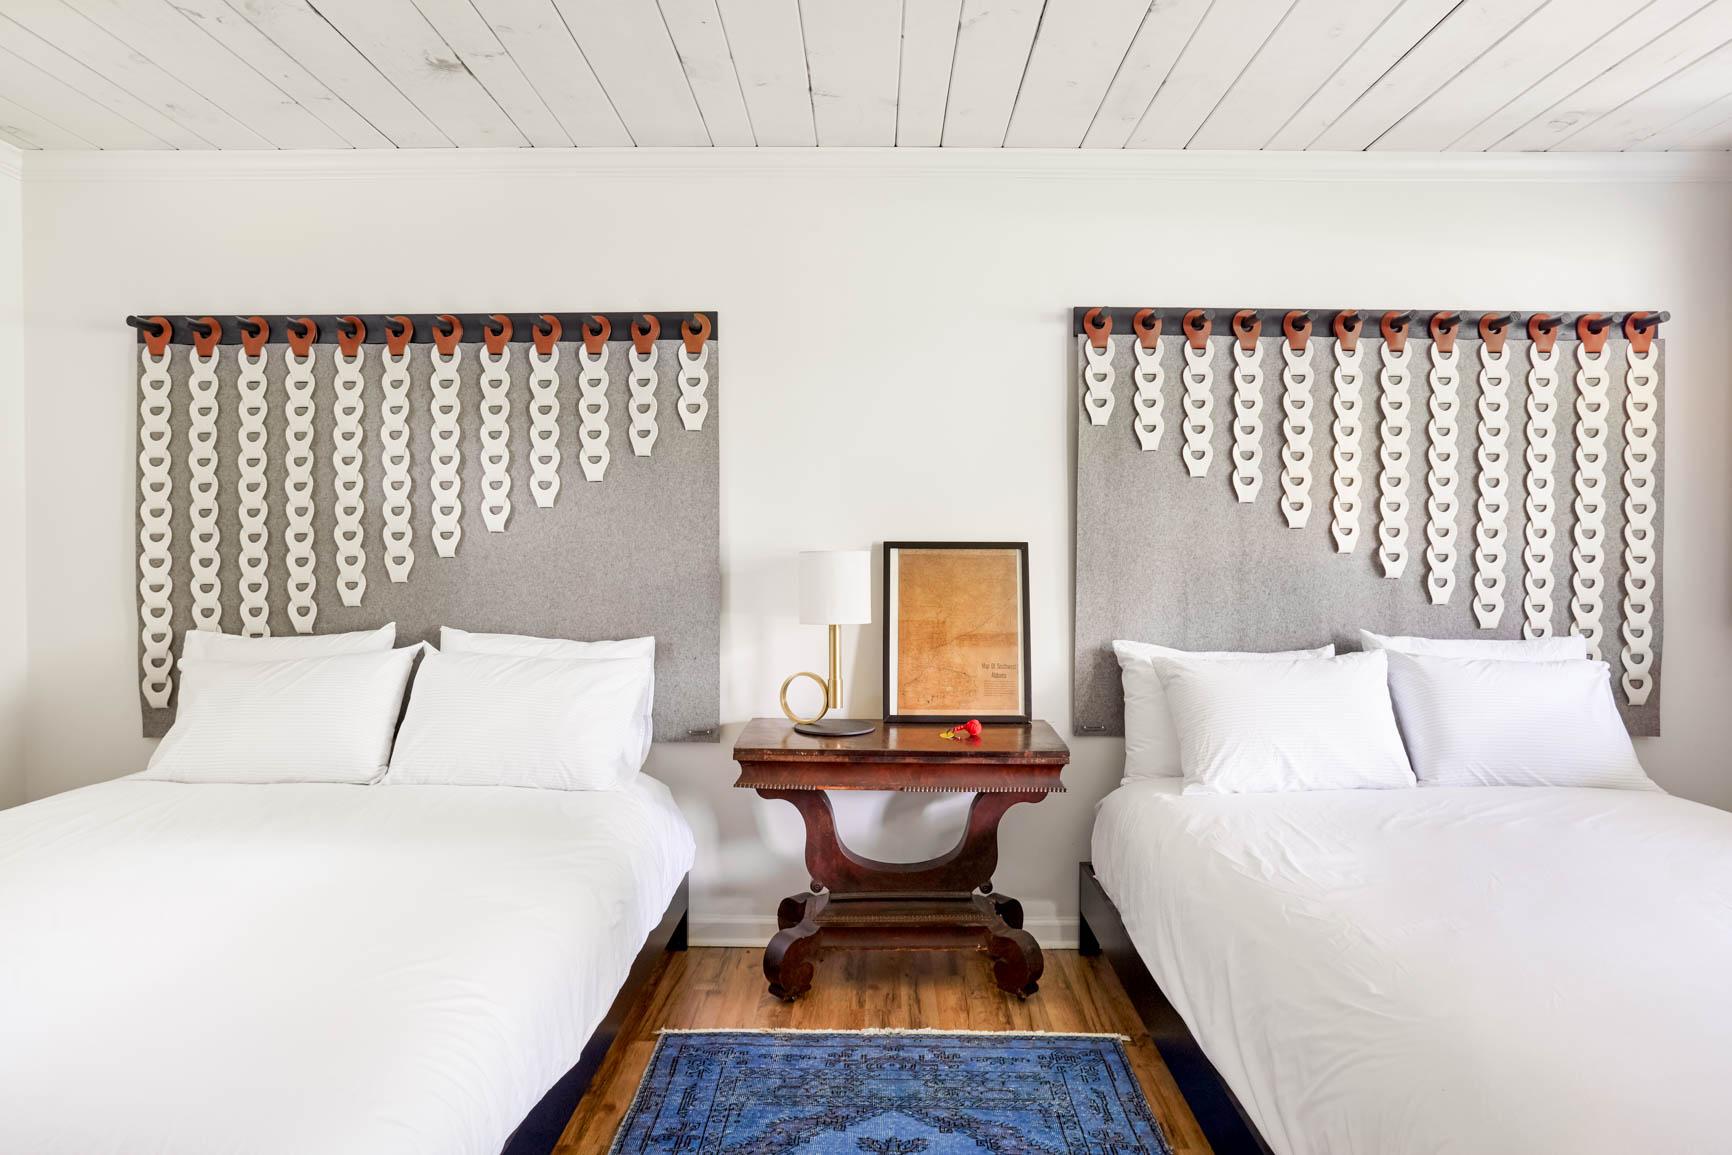 nars-hotel-cabin-upstate-ny-4.jpg